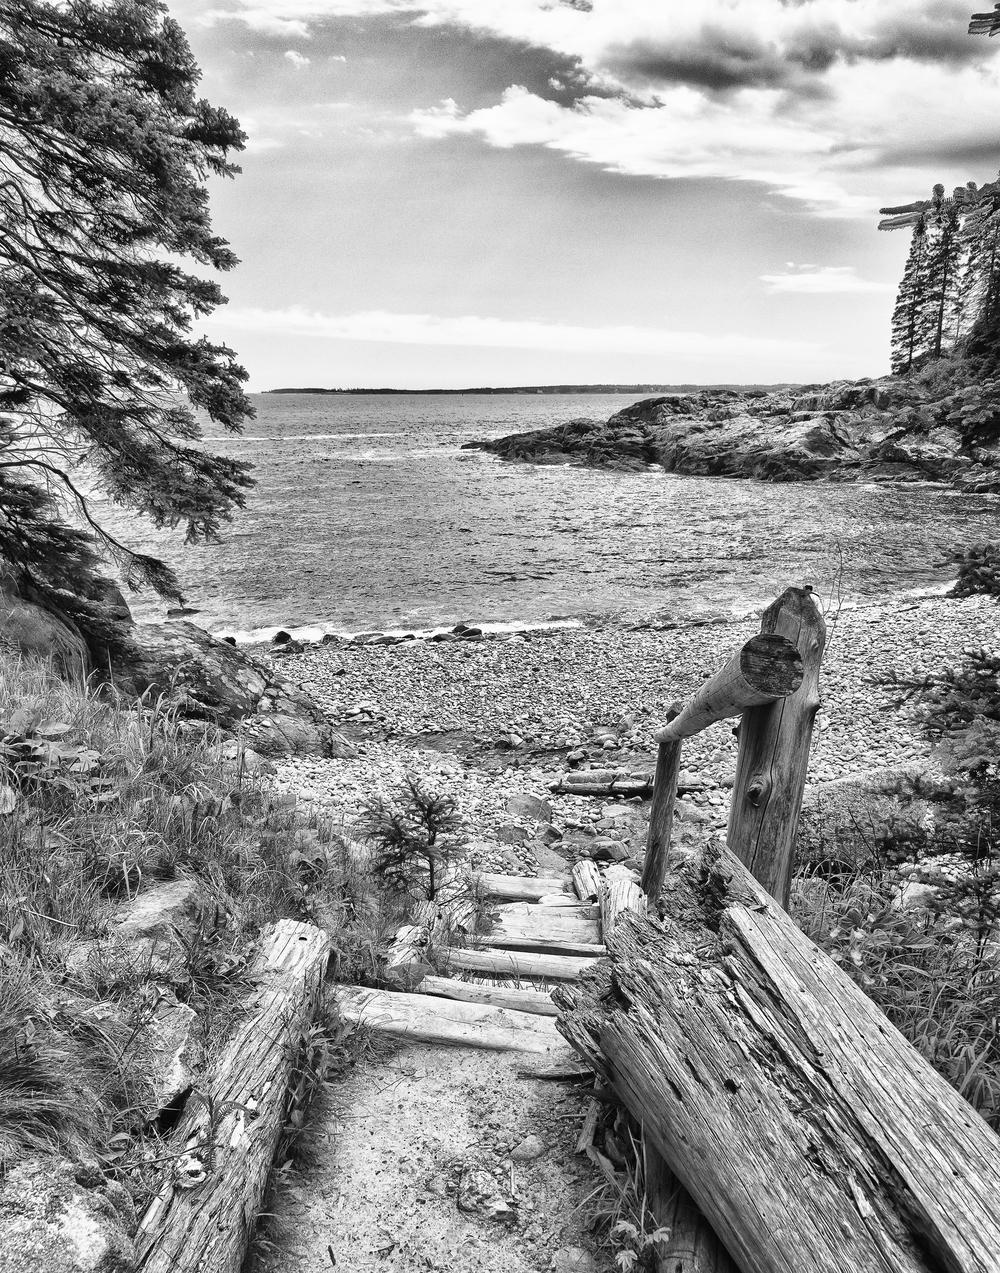 Stone Beach, Acadia National Park